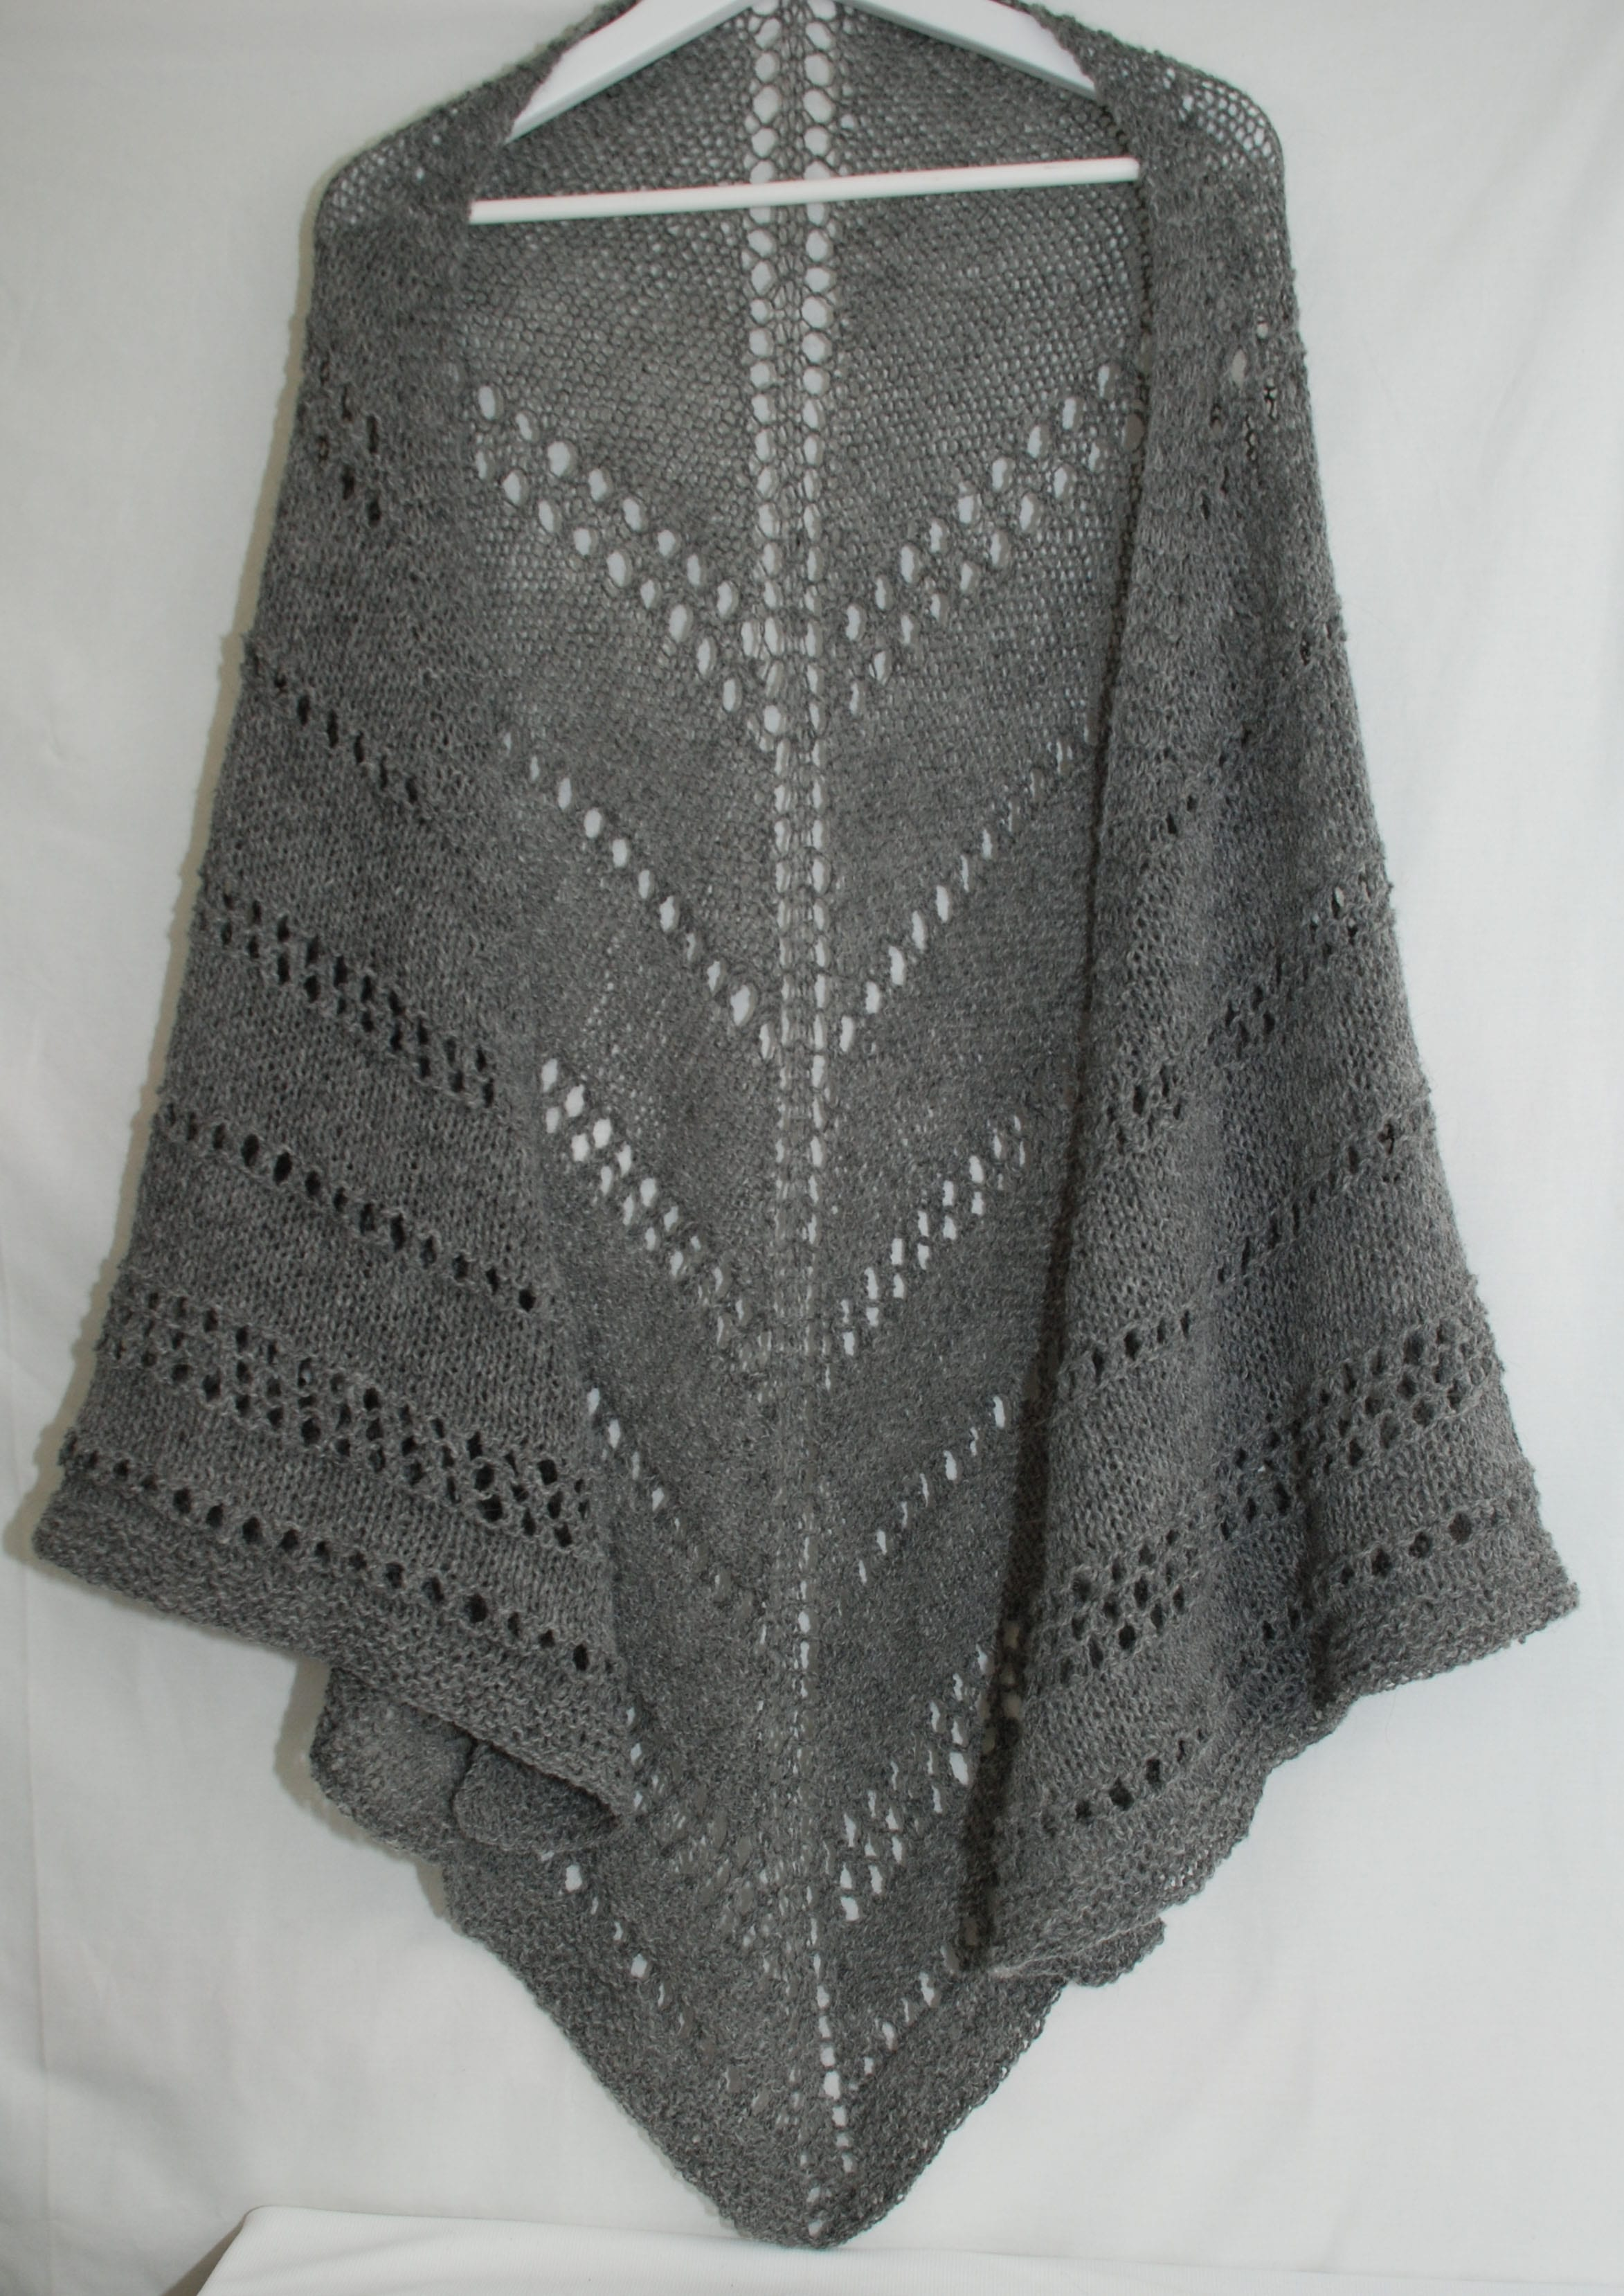 Trekantig sjal med mönsterbårder